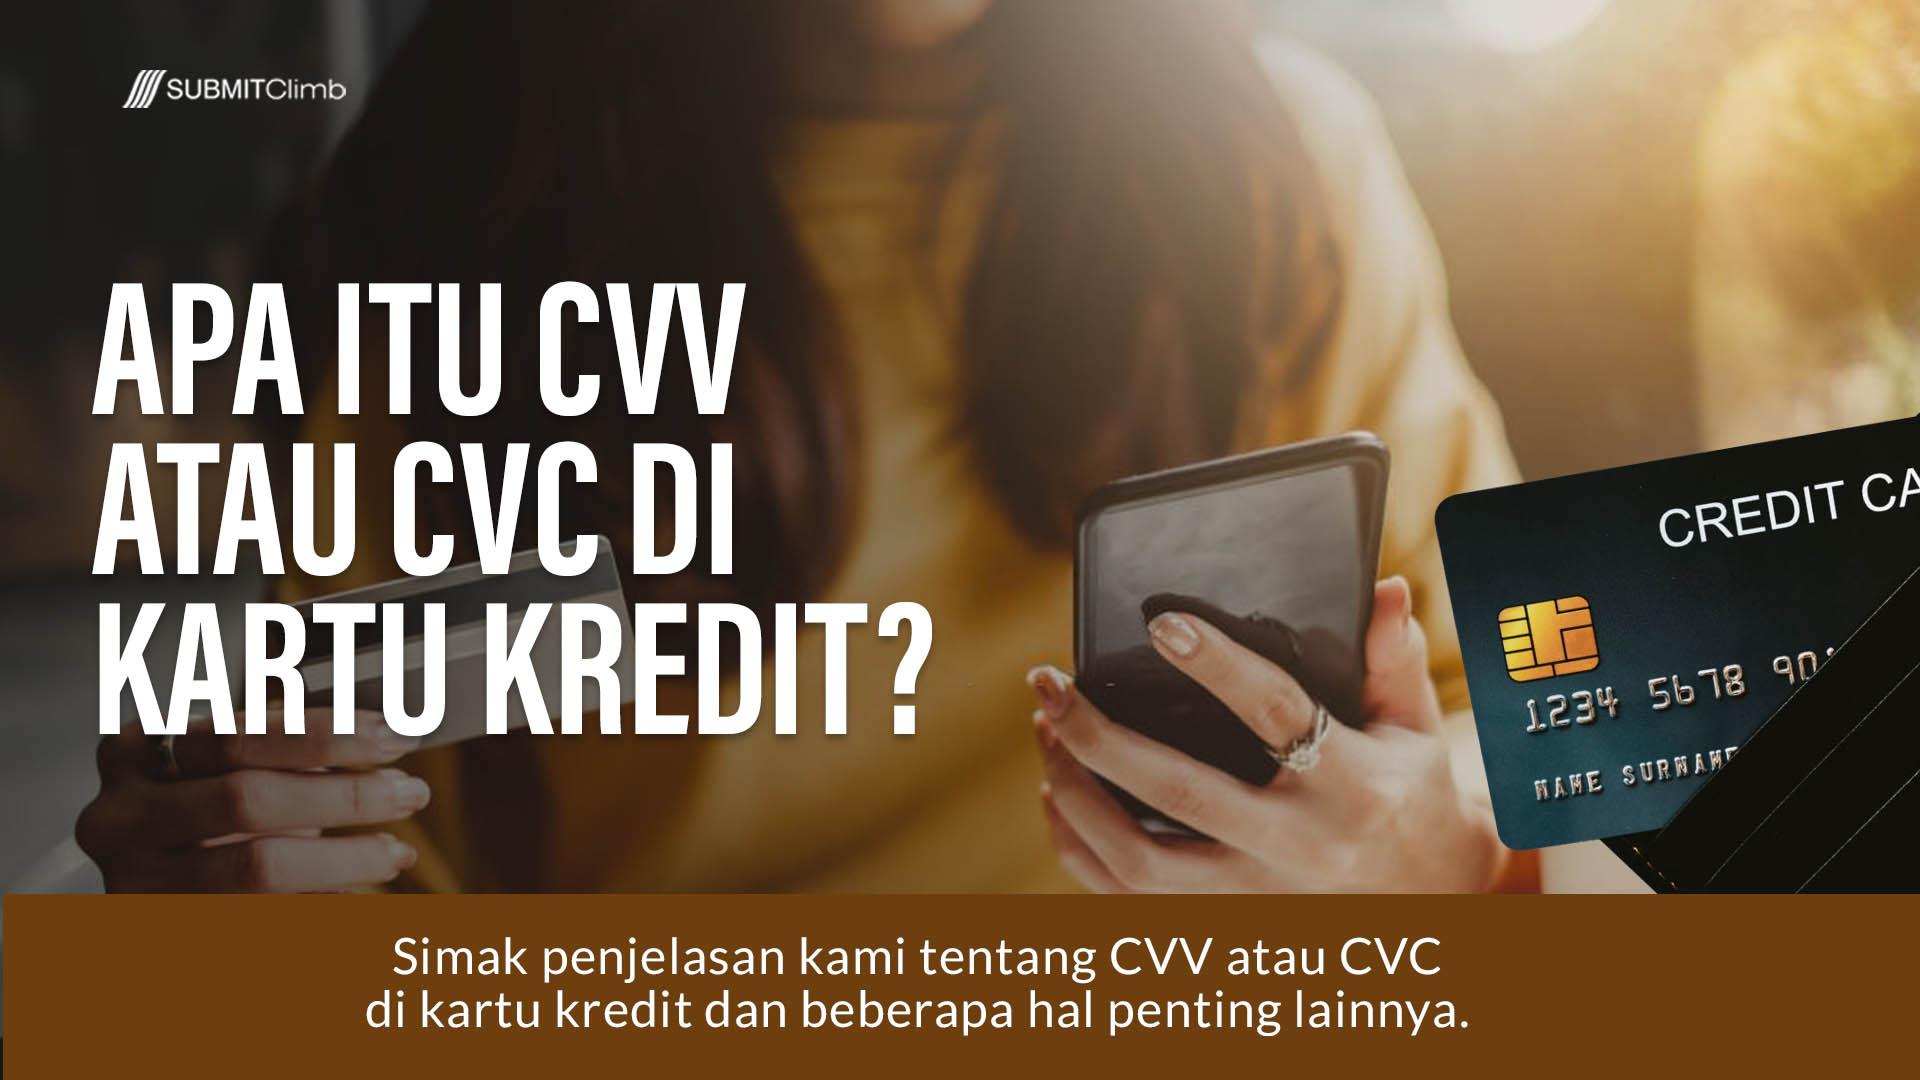 Apa Itu CVV Atau CVC Di Kartu Kredit